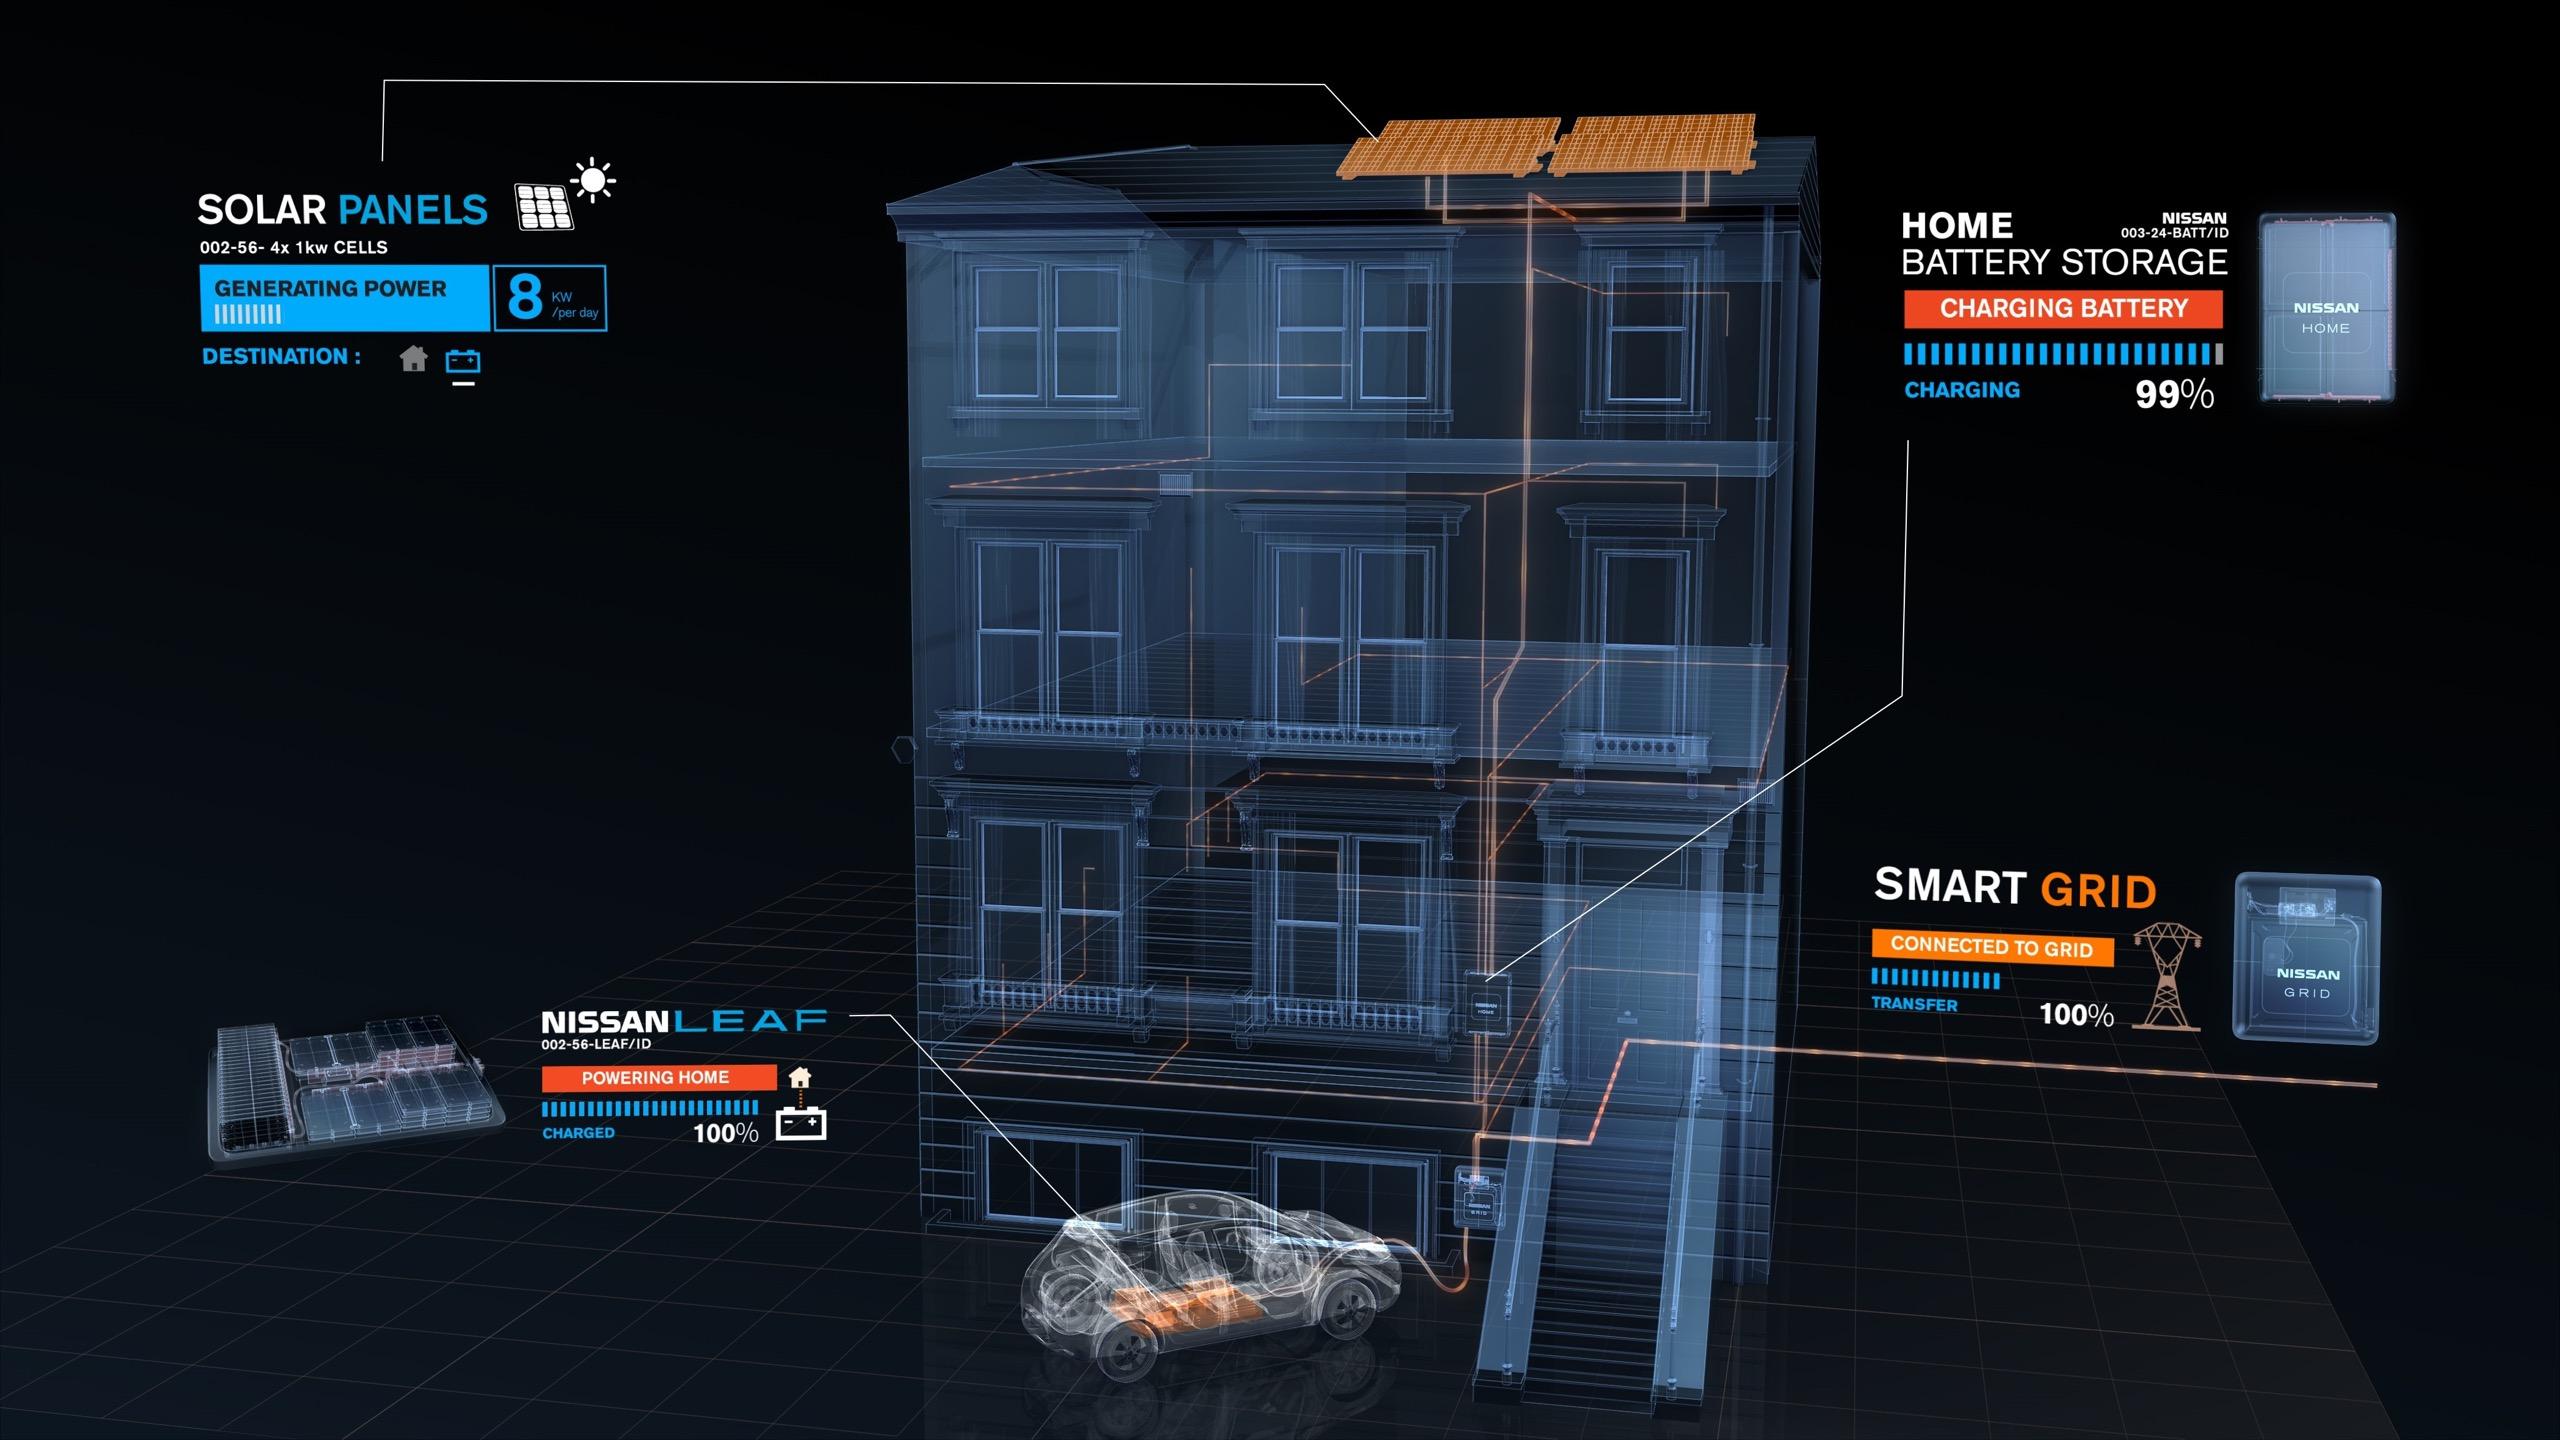 Ein wenig selbst erzeugter Strom und ein intelligentes Netz als Basis für die Mobilität der Zukunft